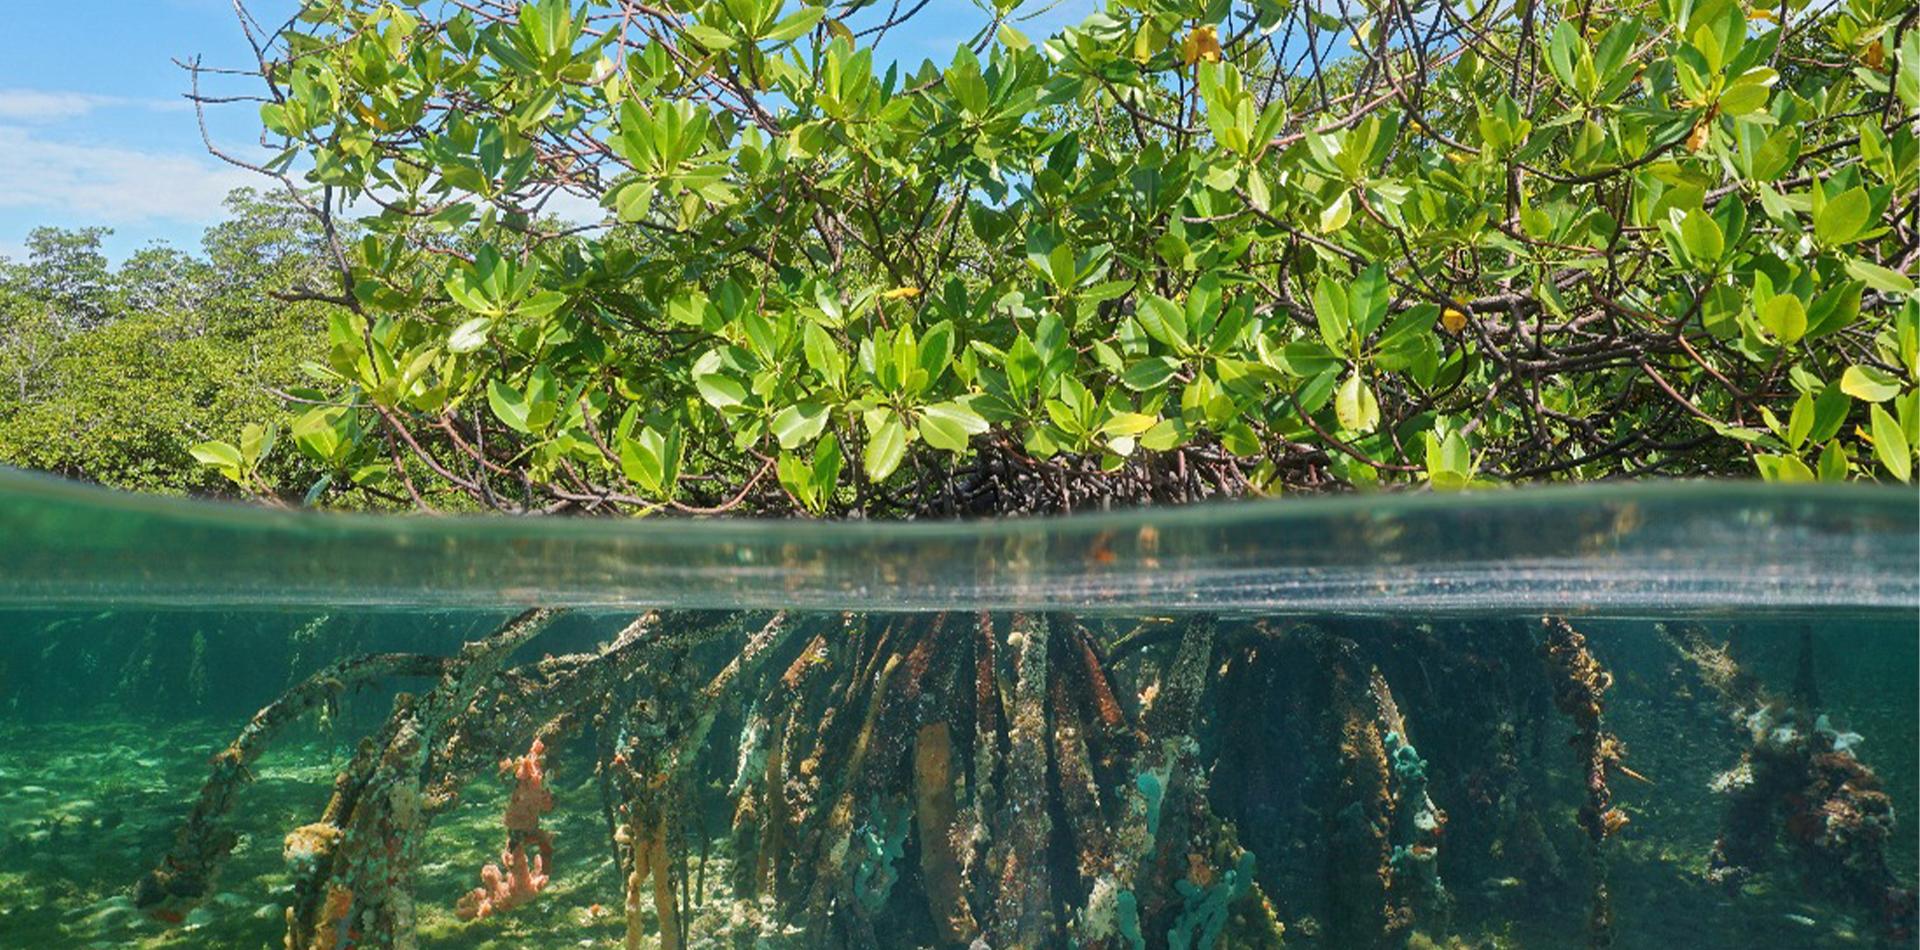 underwater mangrove forest